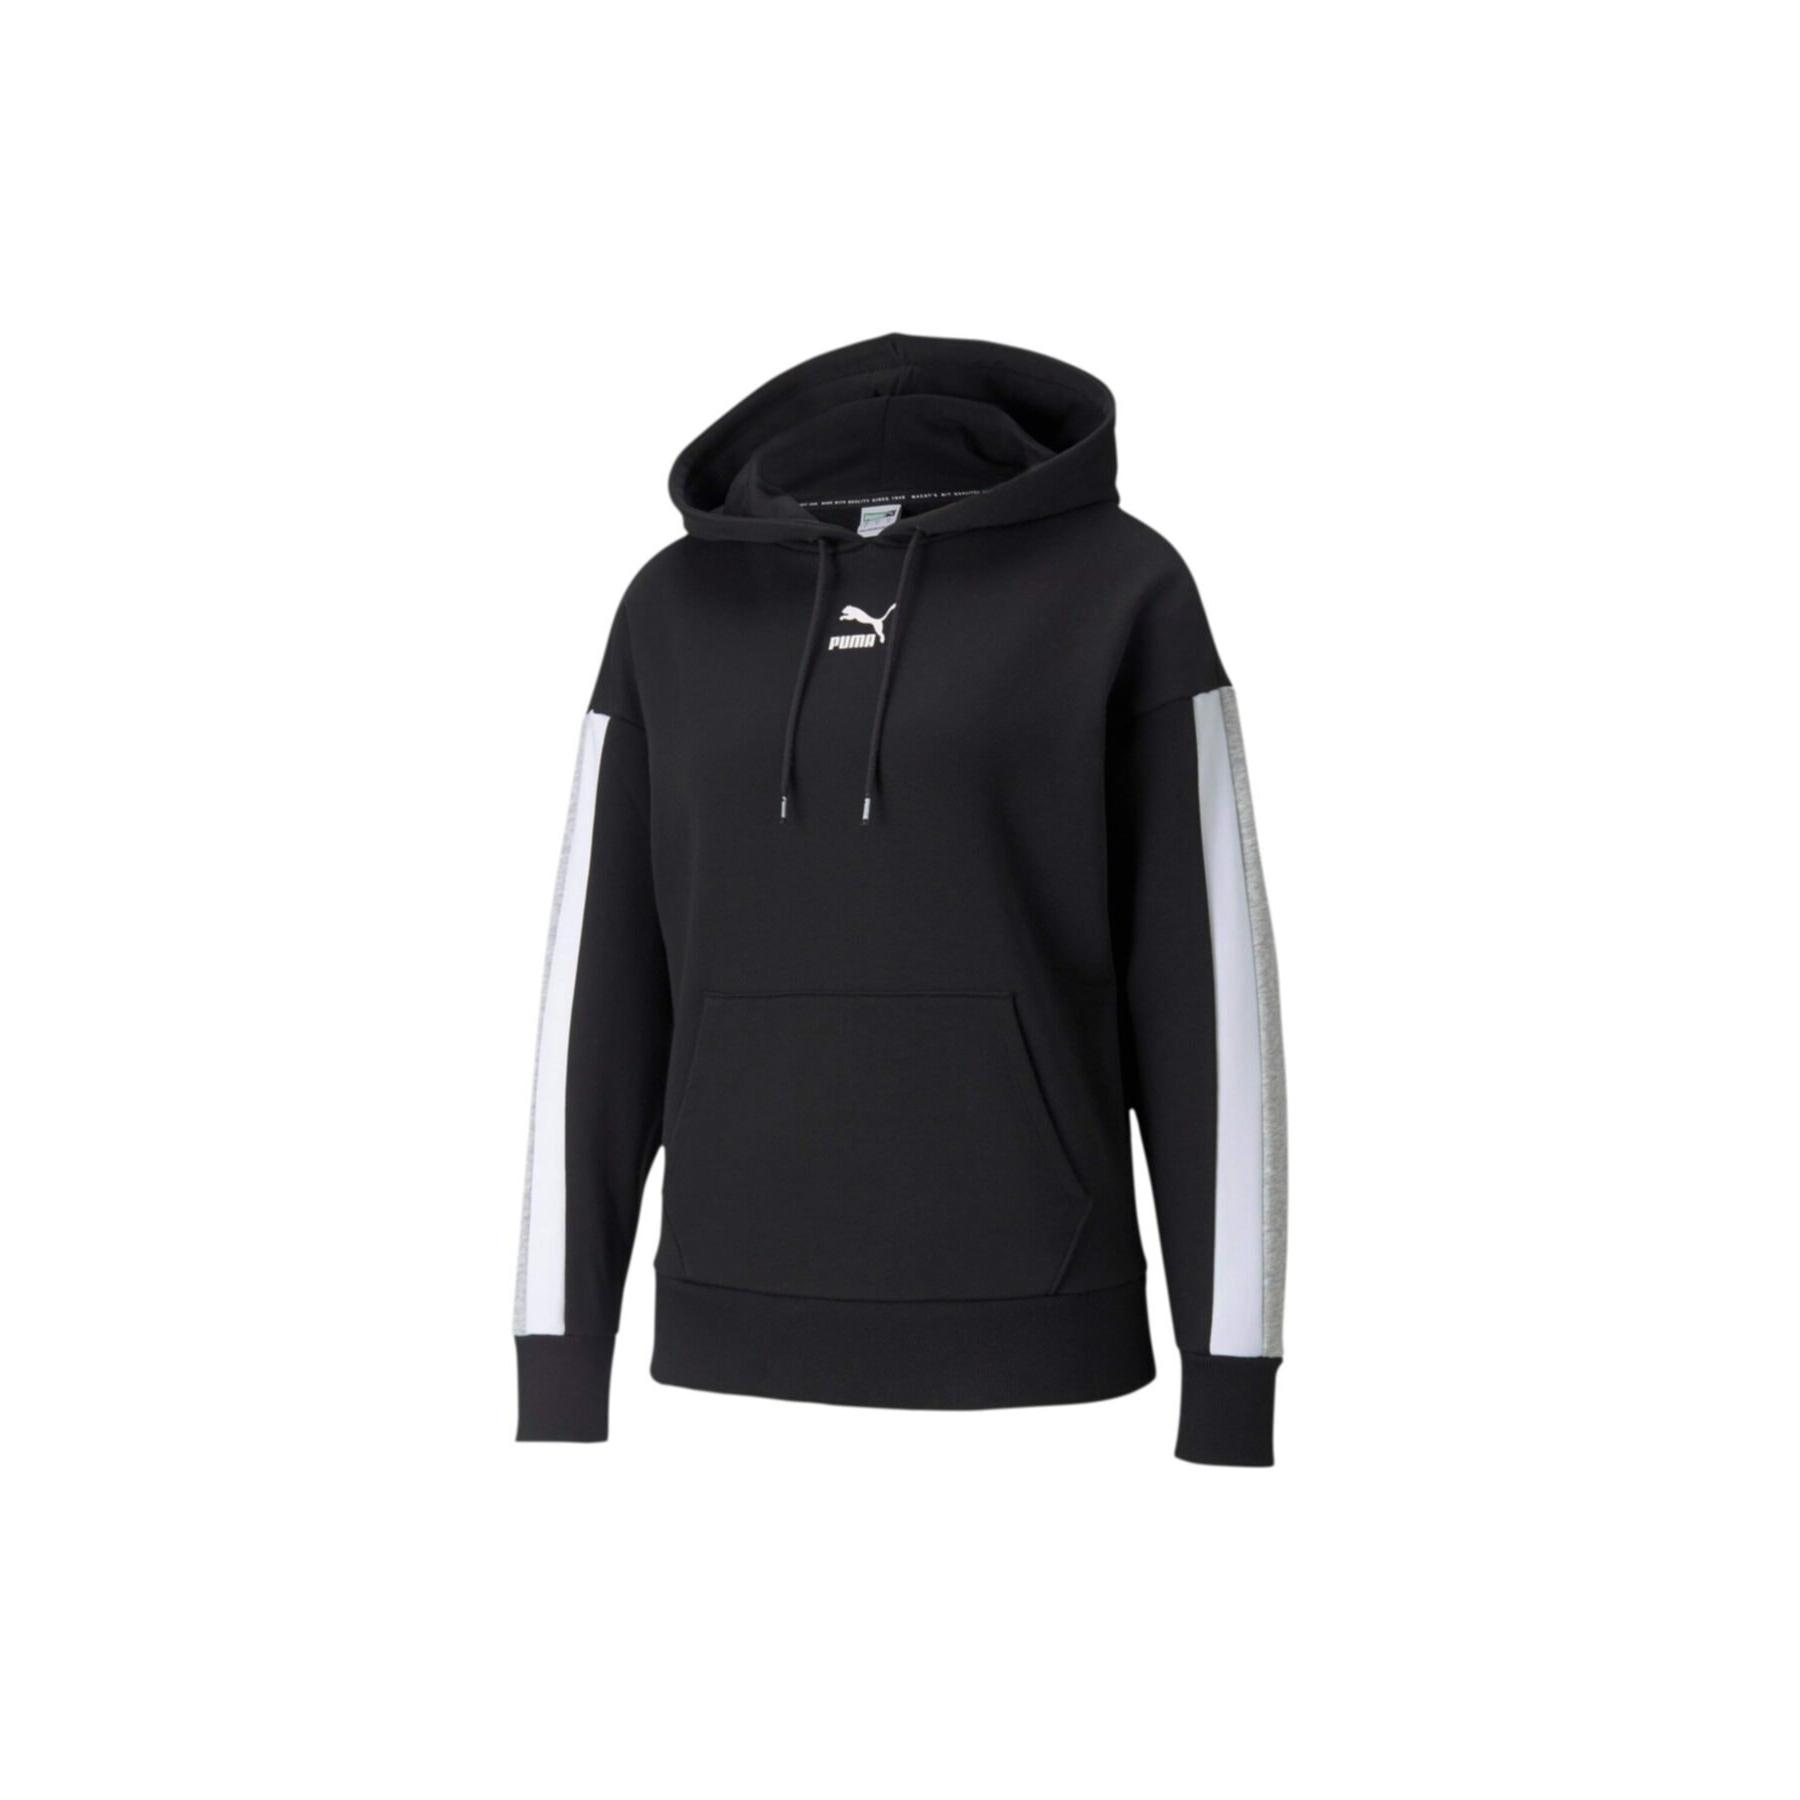 CLSX Kadın Siyah Kapüşonlu Sweatshirt (589768-01)